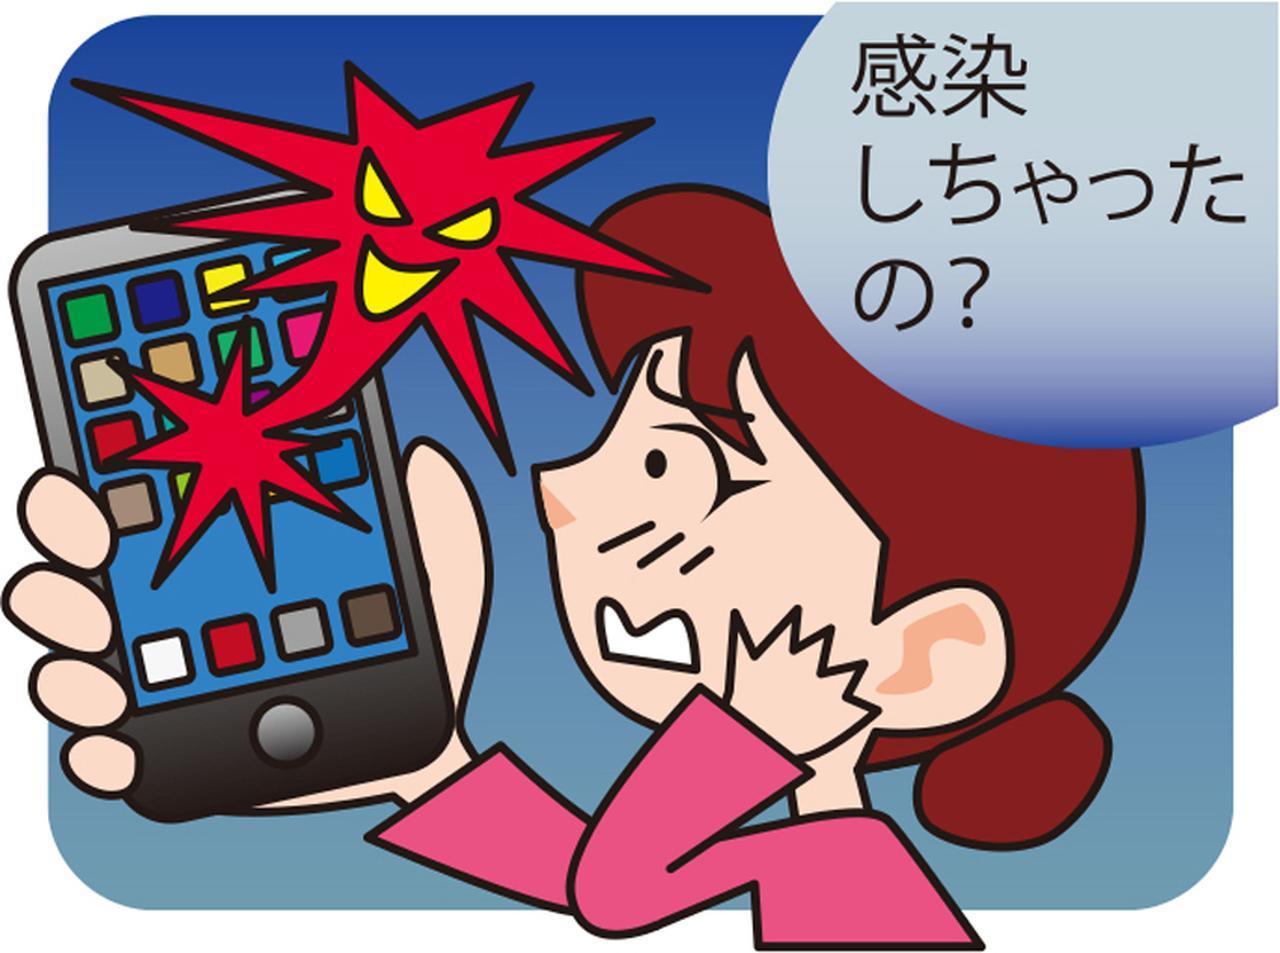 画像: スマホはウイルス感染の可能性が低いが、正規のアプリ以外のものを使うと危険だ。正規以外のものは使わないようにしたい。